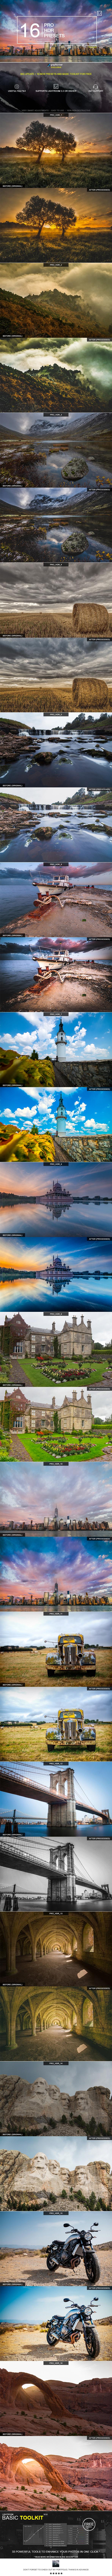 16 HDR Landscape Pro Presets - HDR Lightroom Presets